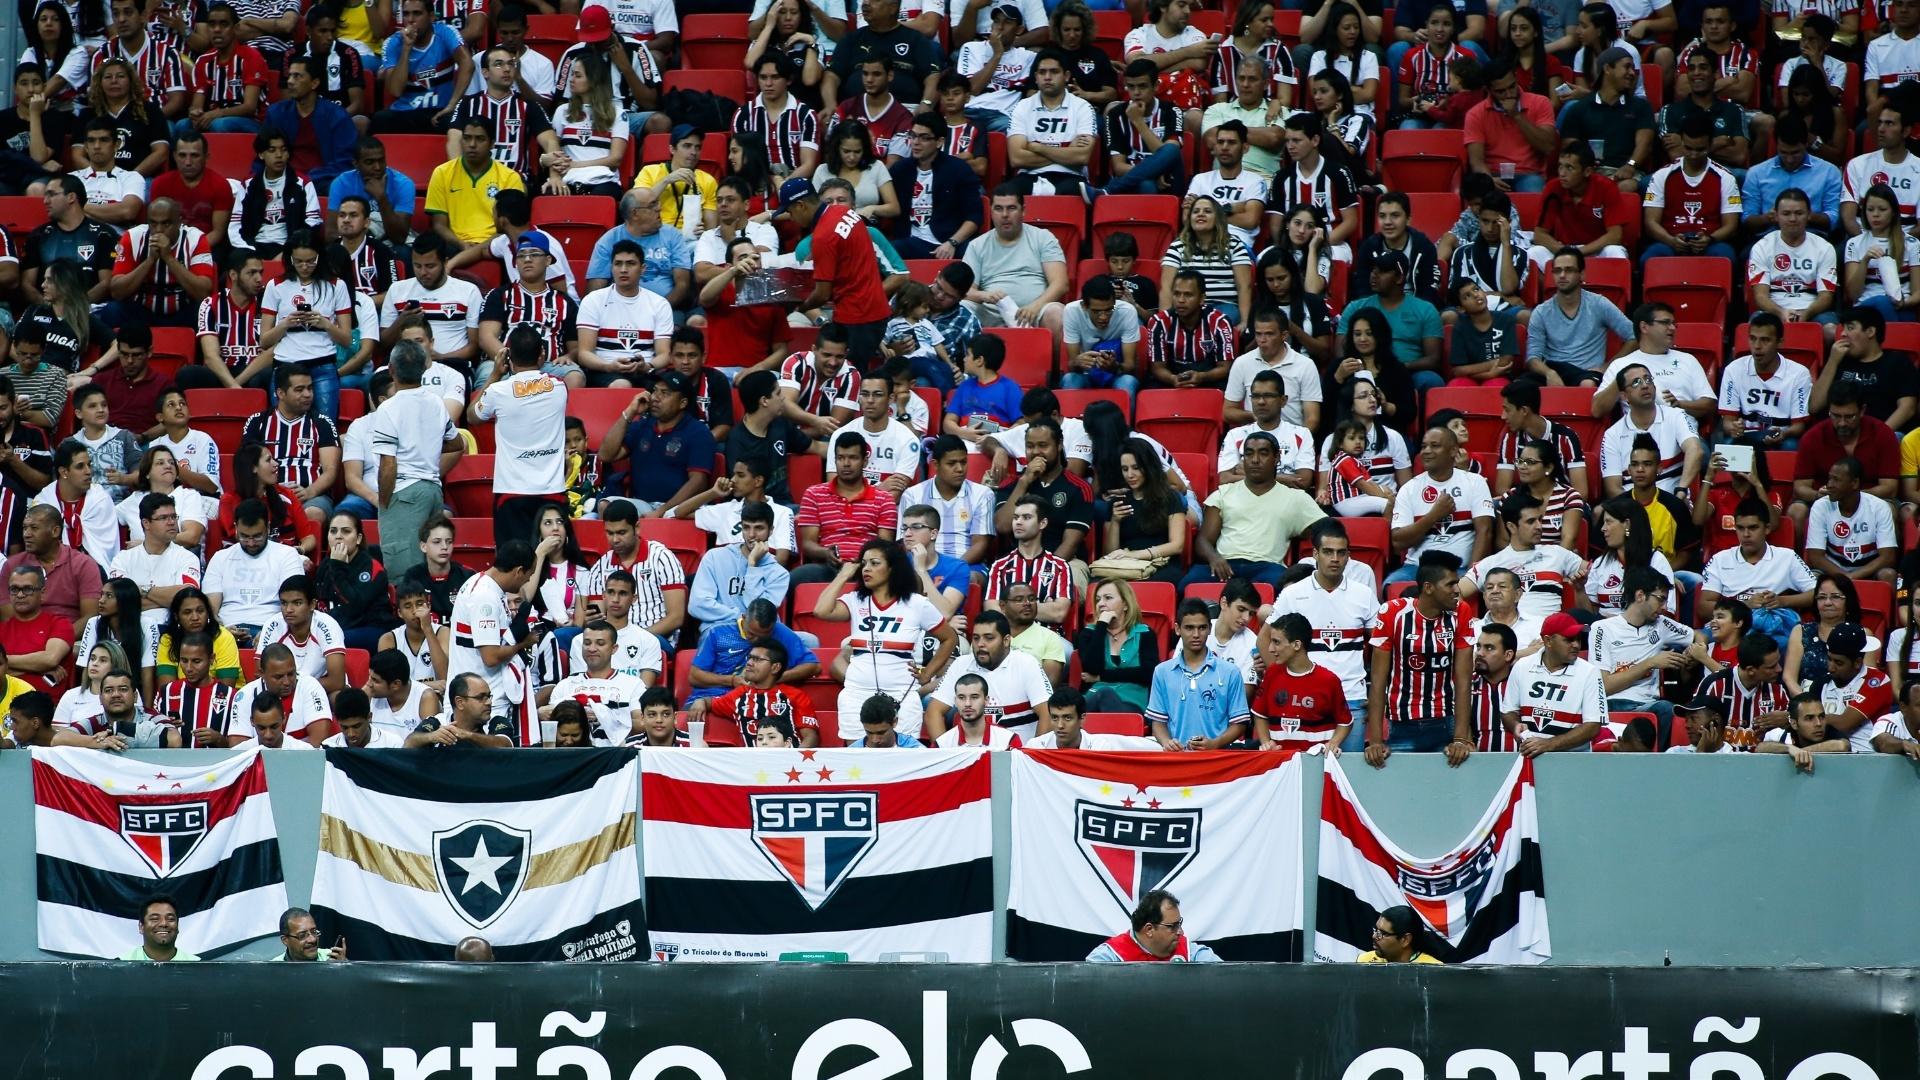 Torcedores do São Paulo marcam presença no estádio Mané Garrincha para o jogo contra o Botafogo